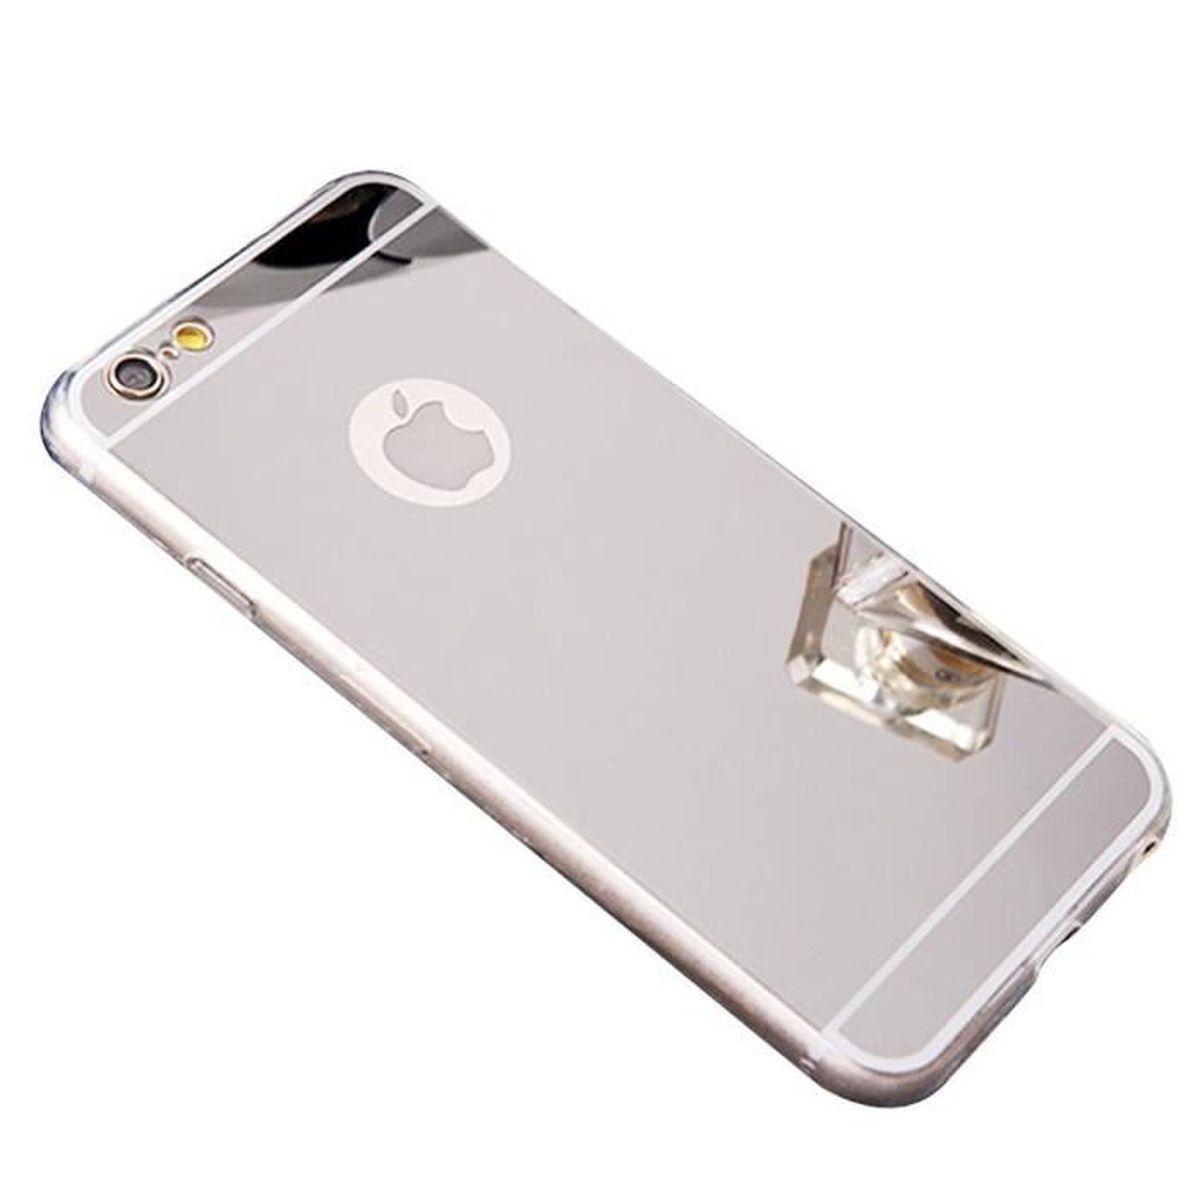 KESU® Coque iPhone 5S/5/SE effet Miroir Coloris Argent Etui Housse ...